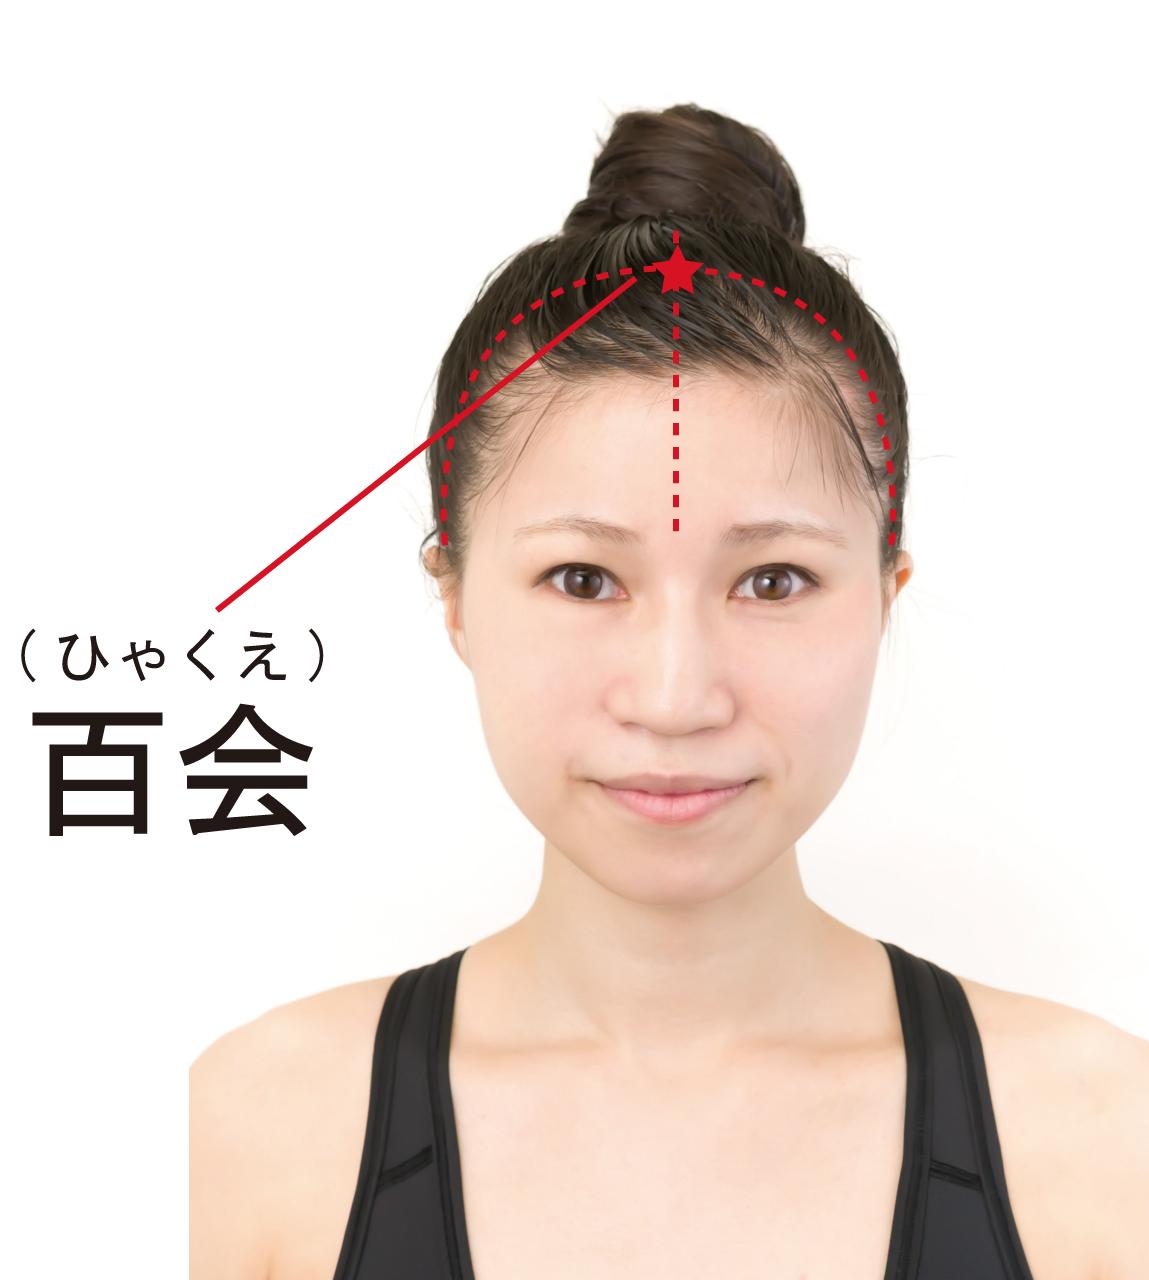 薄毛対策のツボ「百会(ひゃくえ)」のツボの位置を記した女性の画像